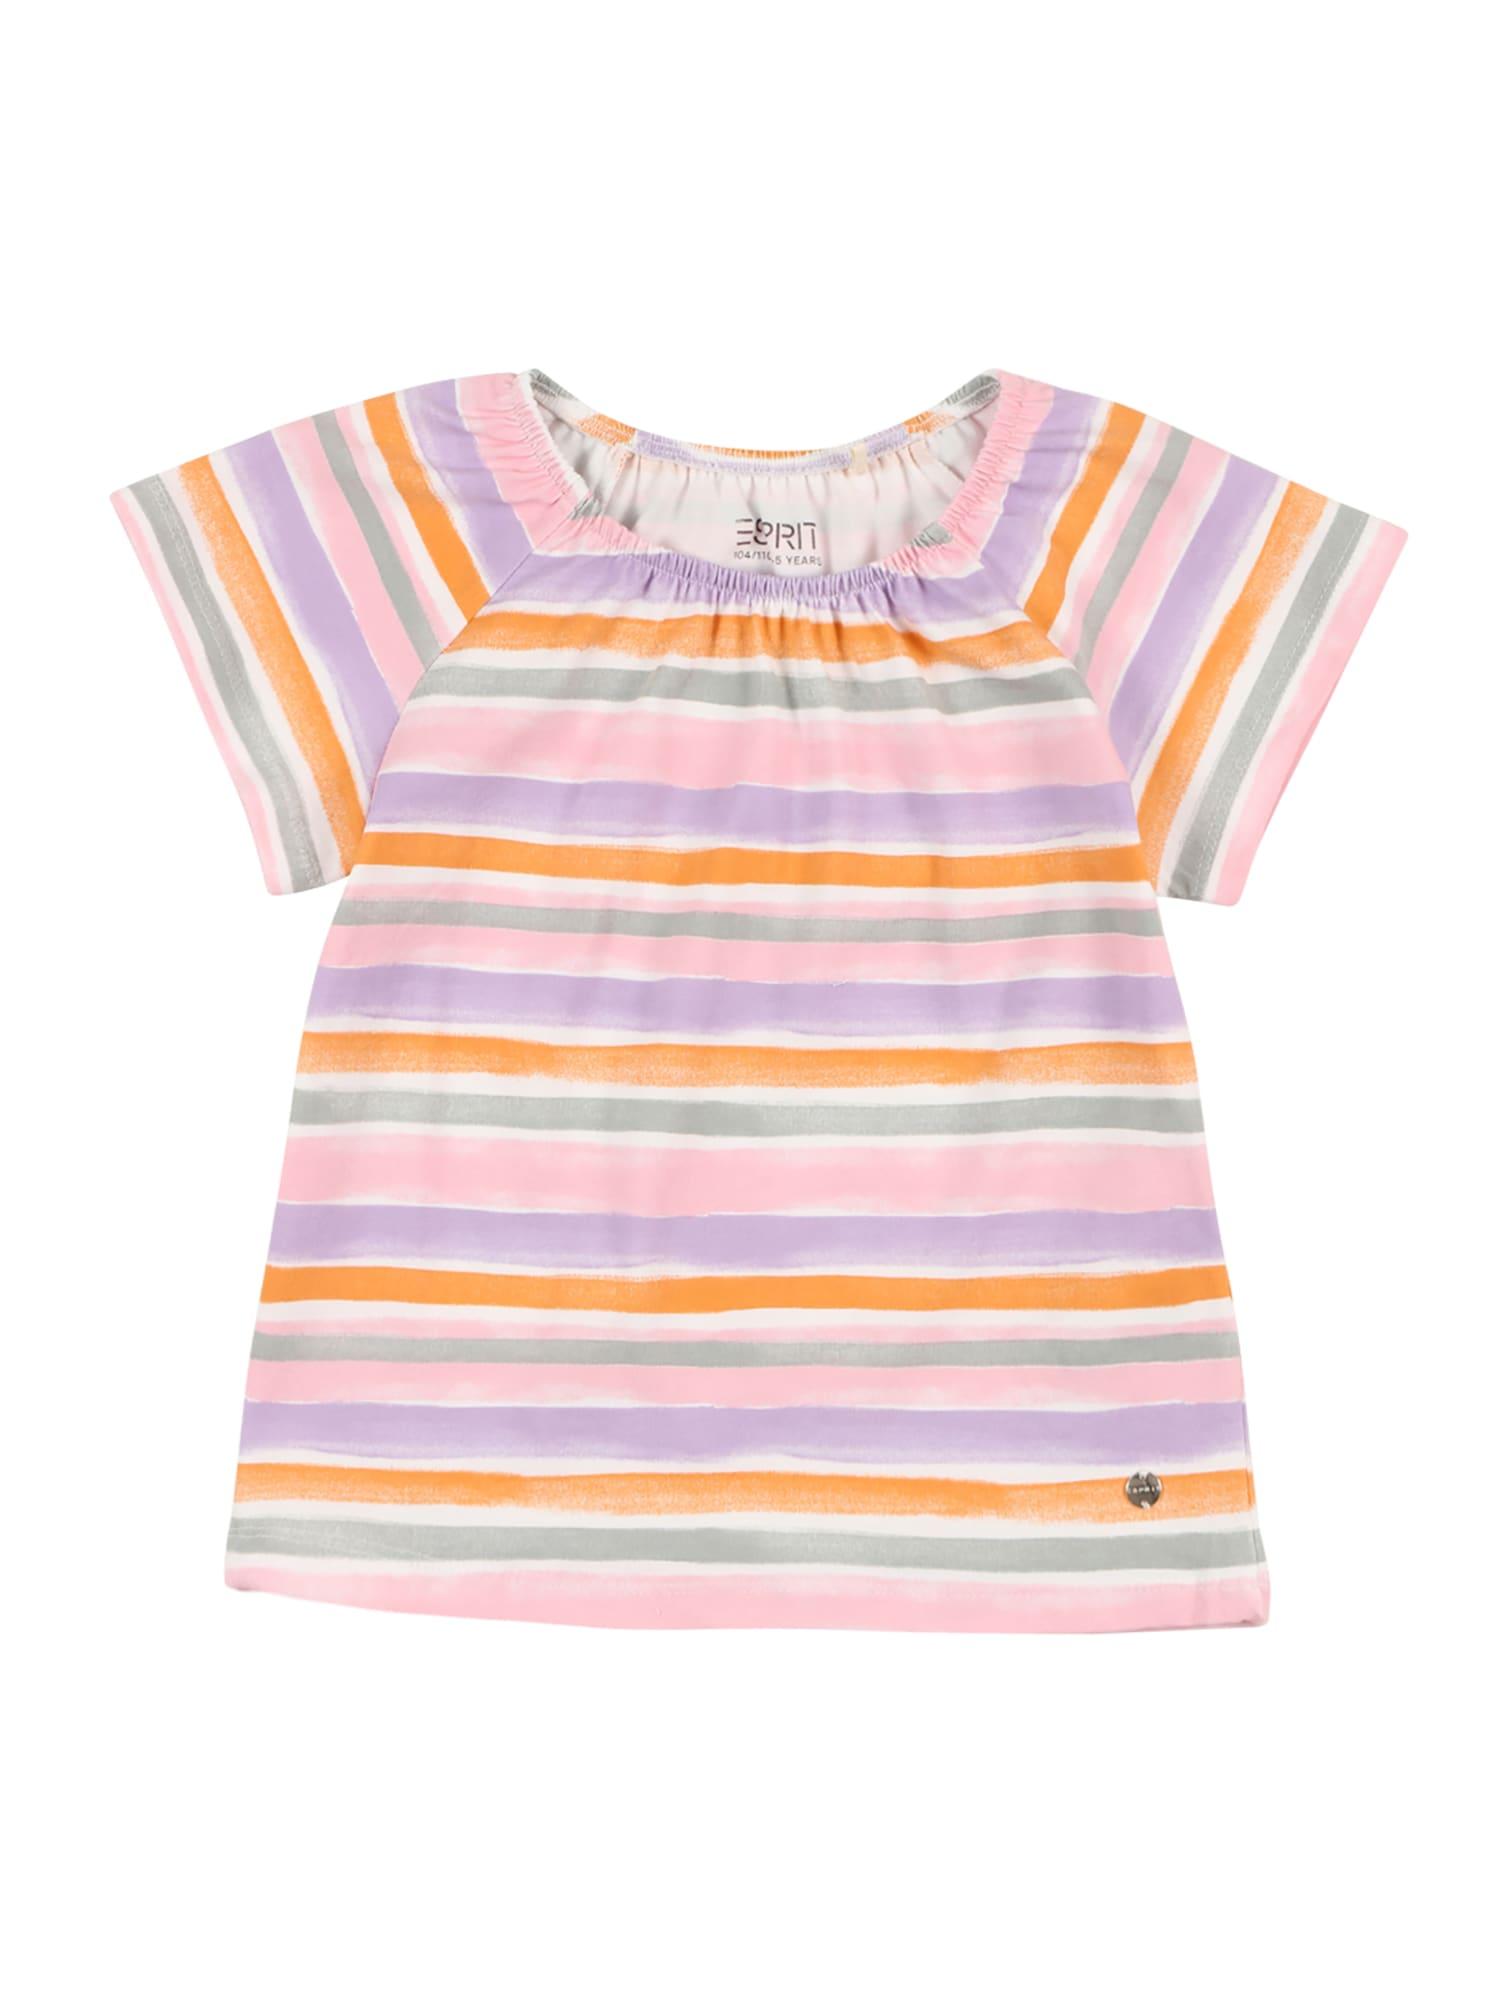 ESPRIT Marškinėliai mišrios spalvos